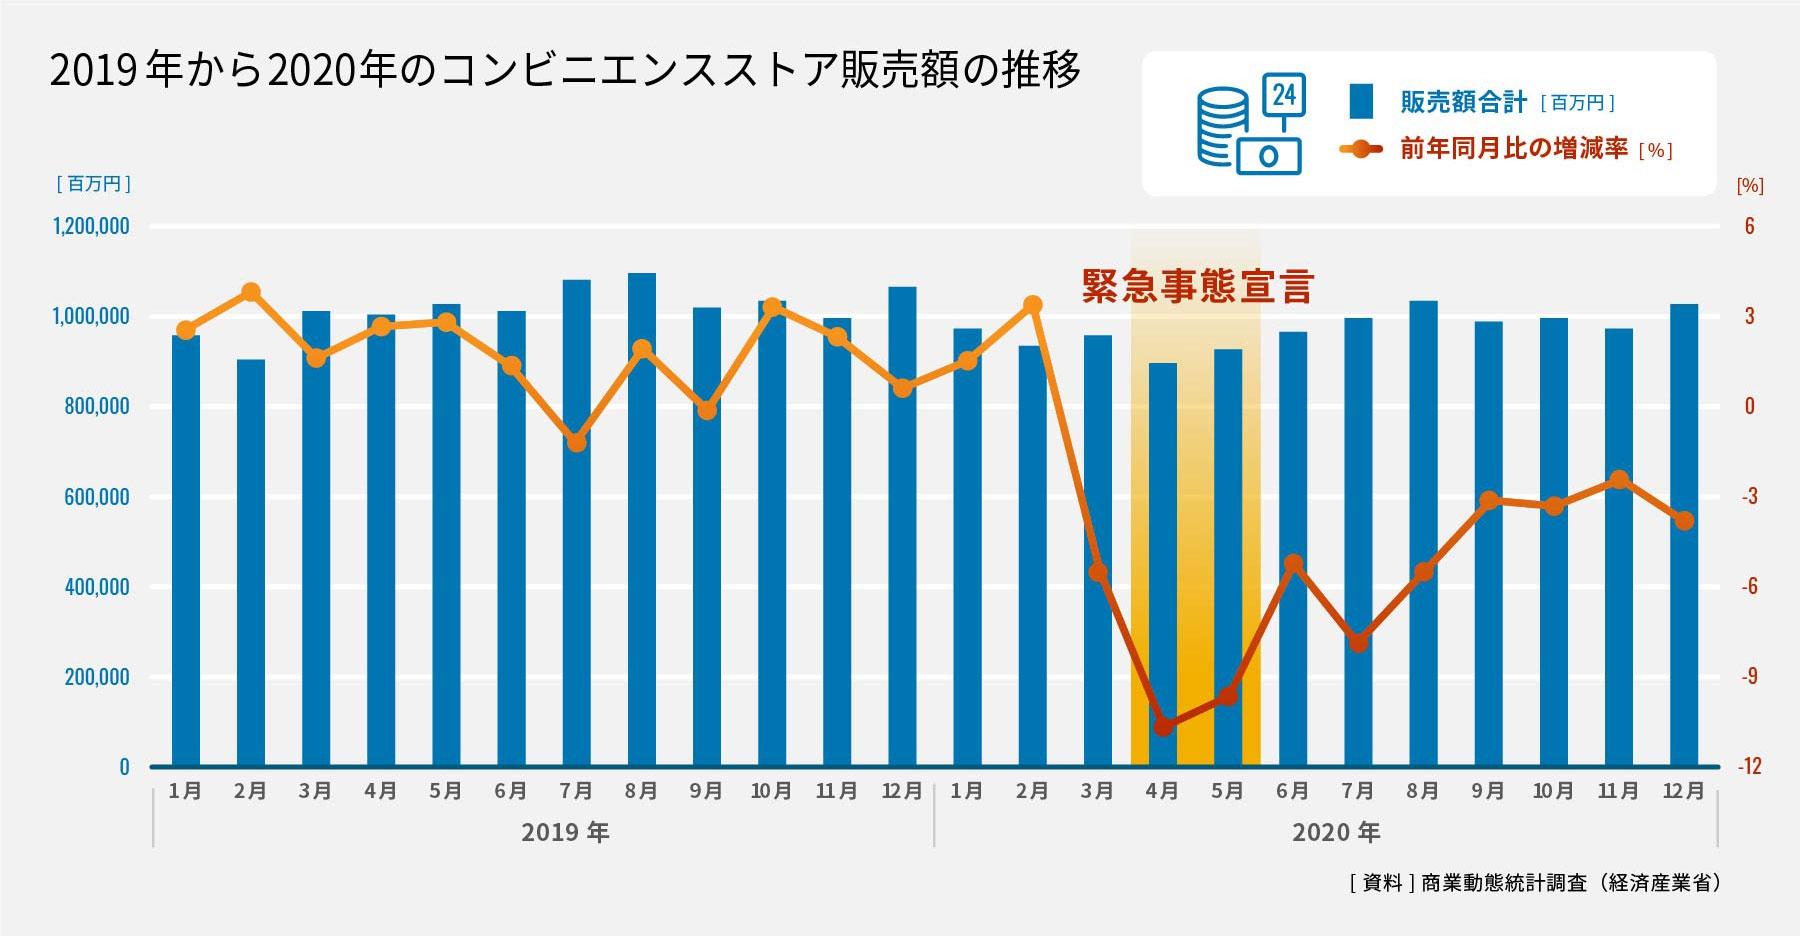 2019年から2020年のコンビニエンスストア販売額の推移